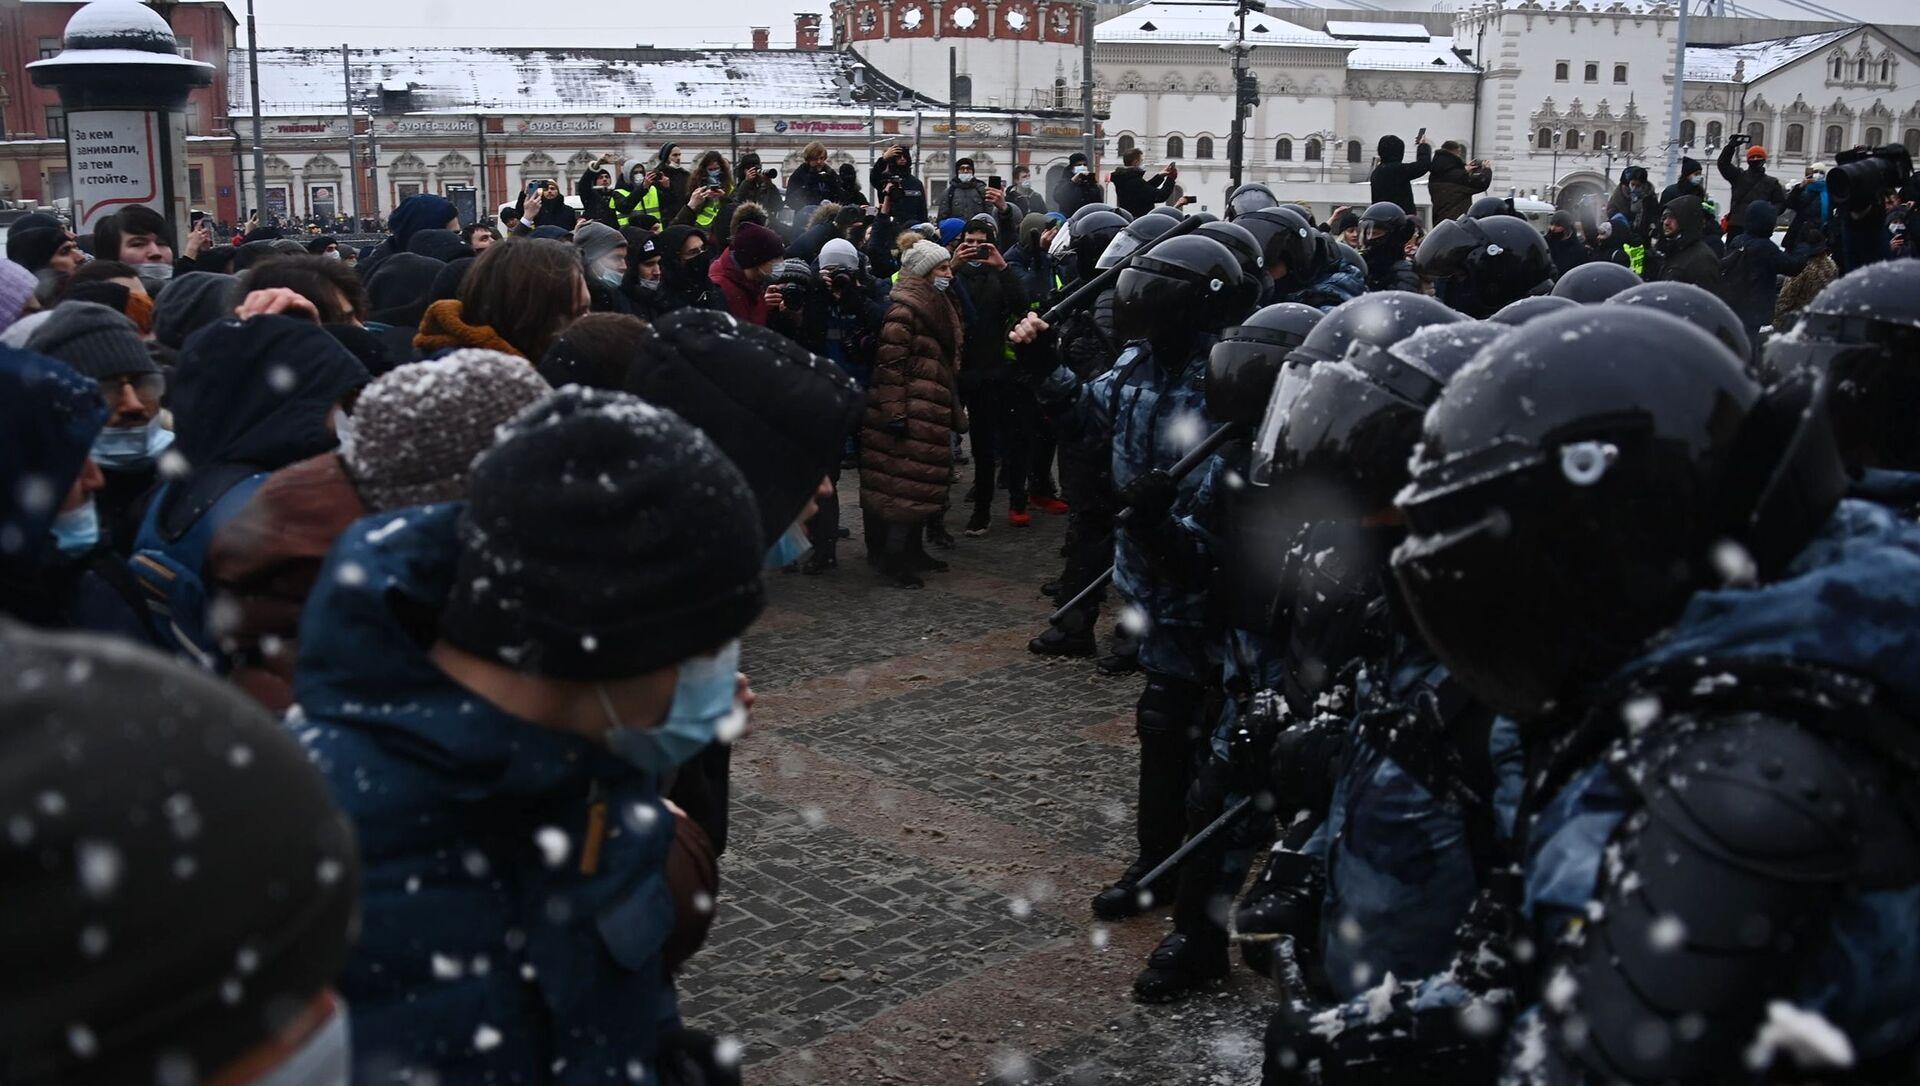 Припадници полиције и демонстранти на неодобреним протестима присталица Алексеја Наваљног у Москви - Sputnik Србија, 1920, 01.02.2021